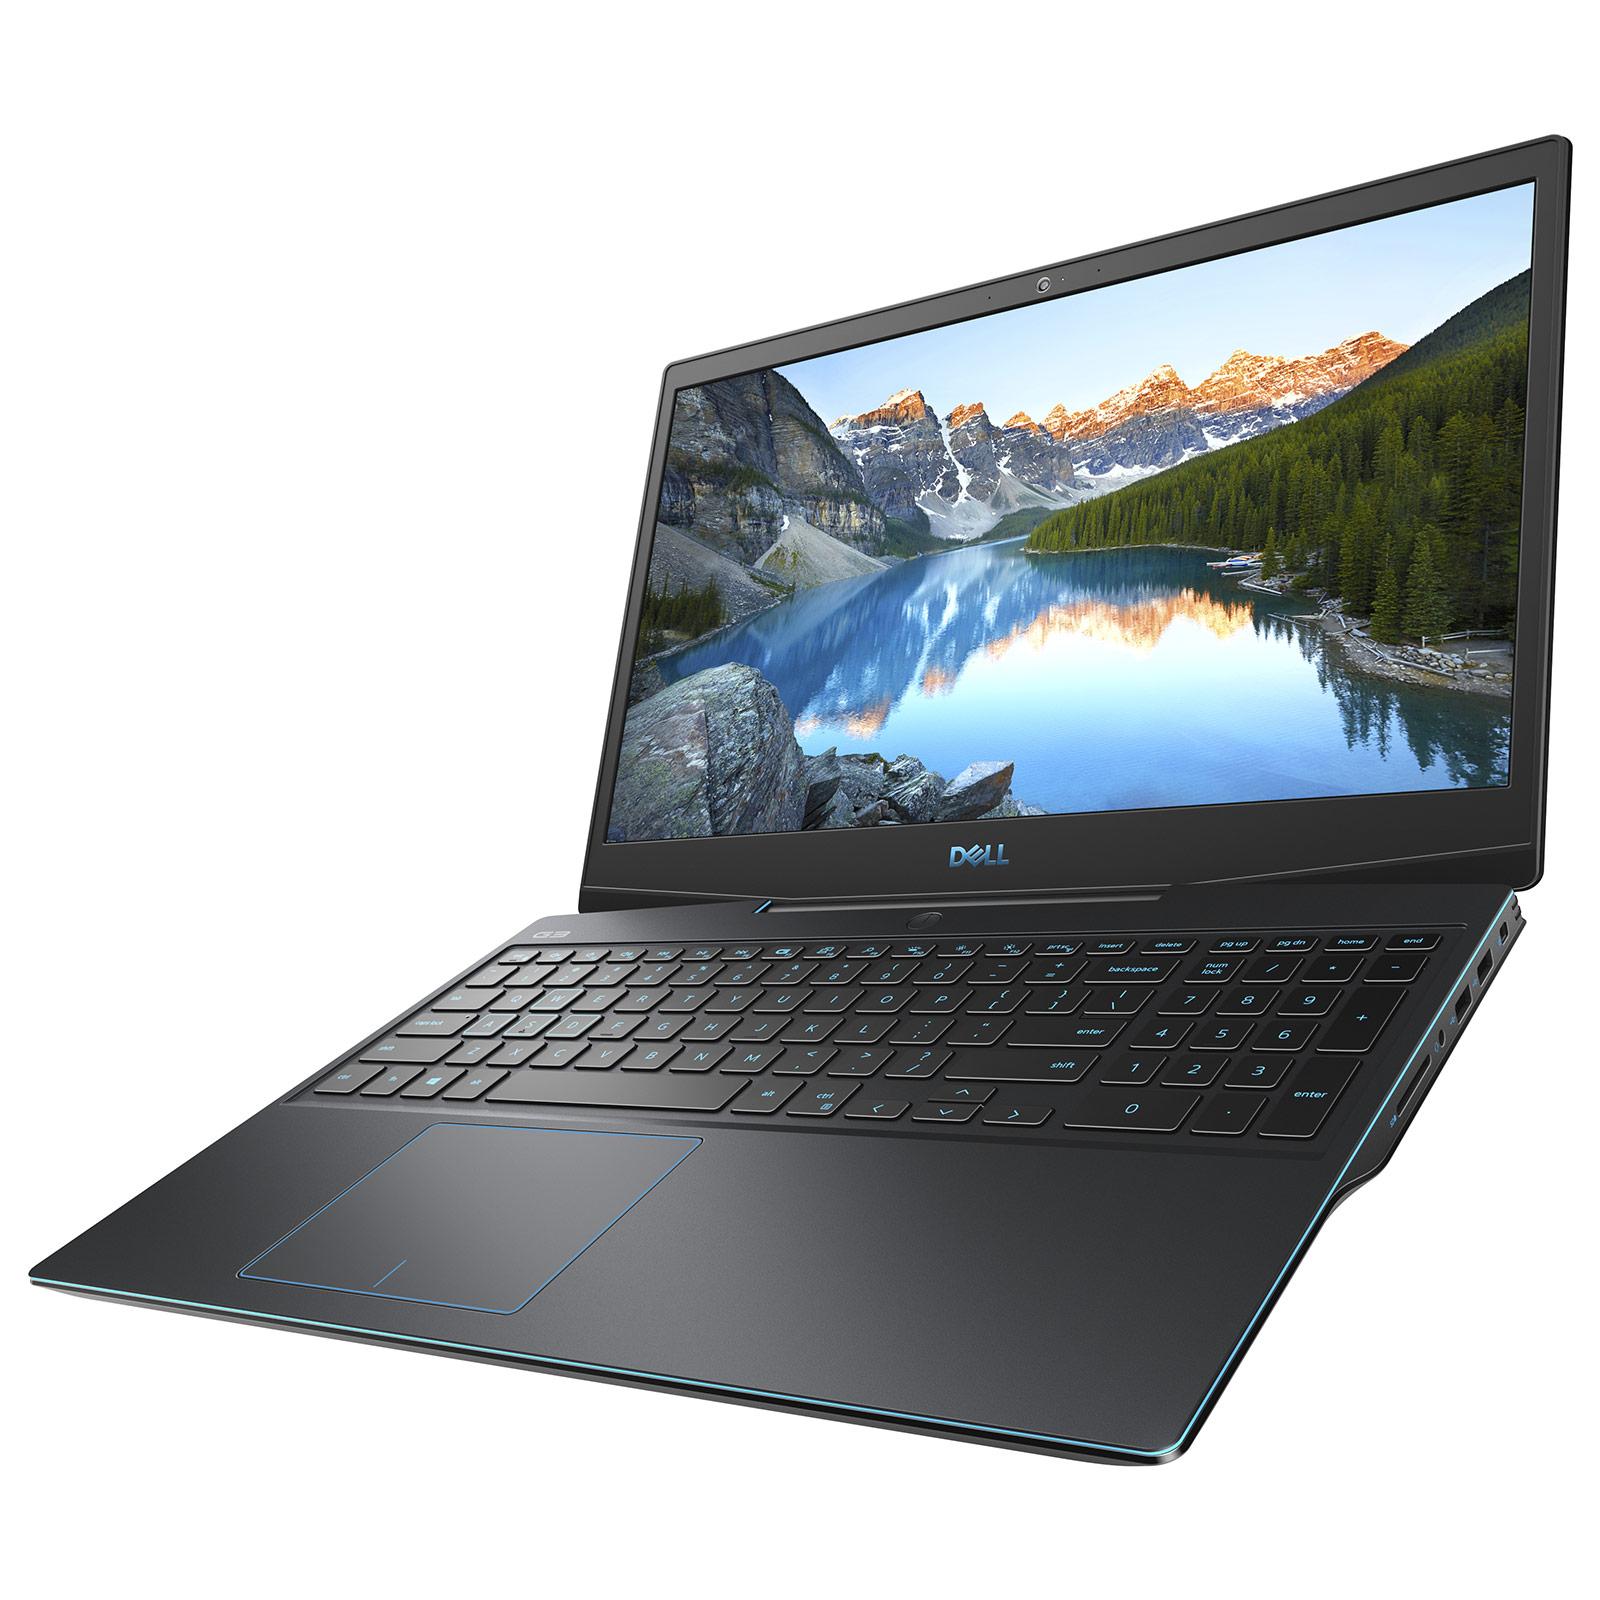 خرید لپ تاپ گیمینگ دل G3 15